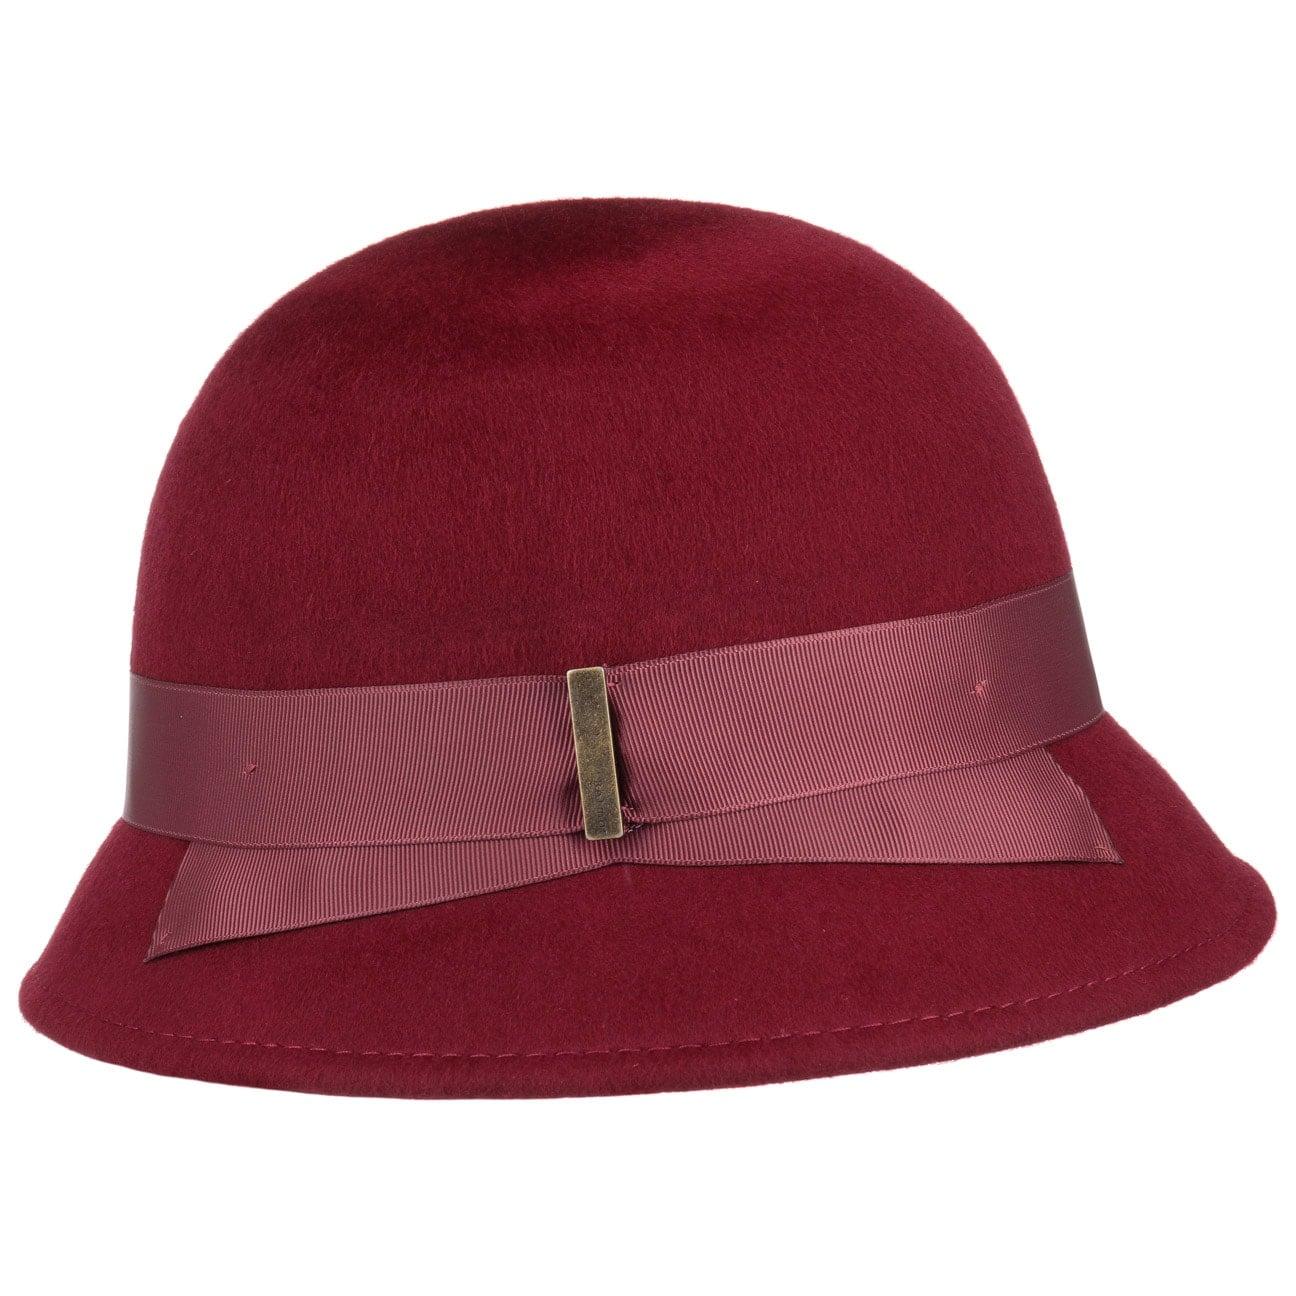 Chapeau Cloche Charleston Laine by Betmar  chapeaux de feutre